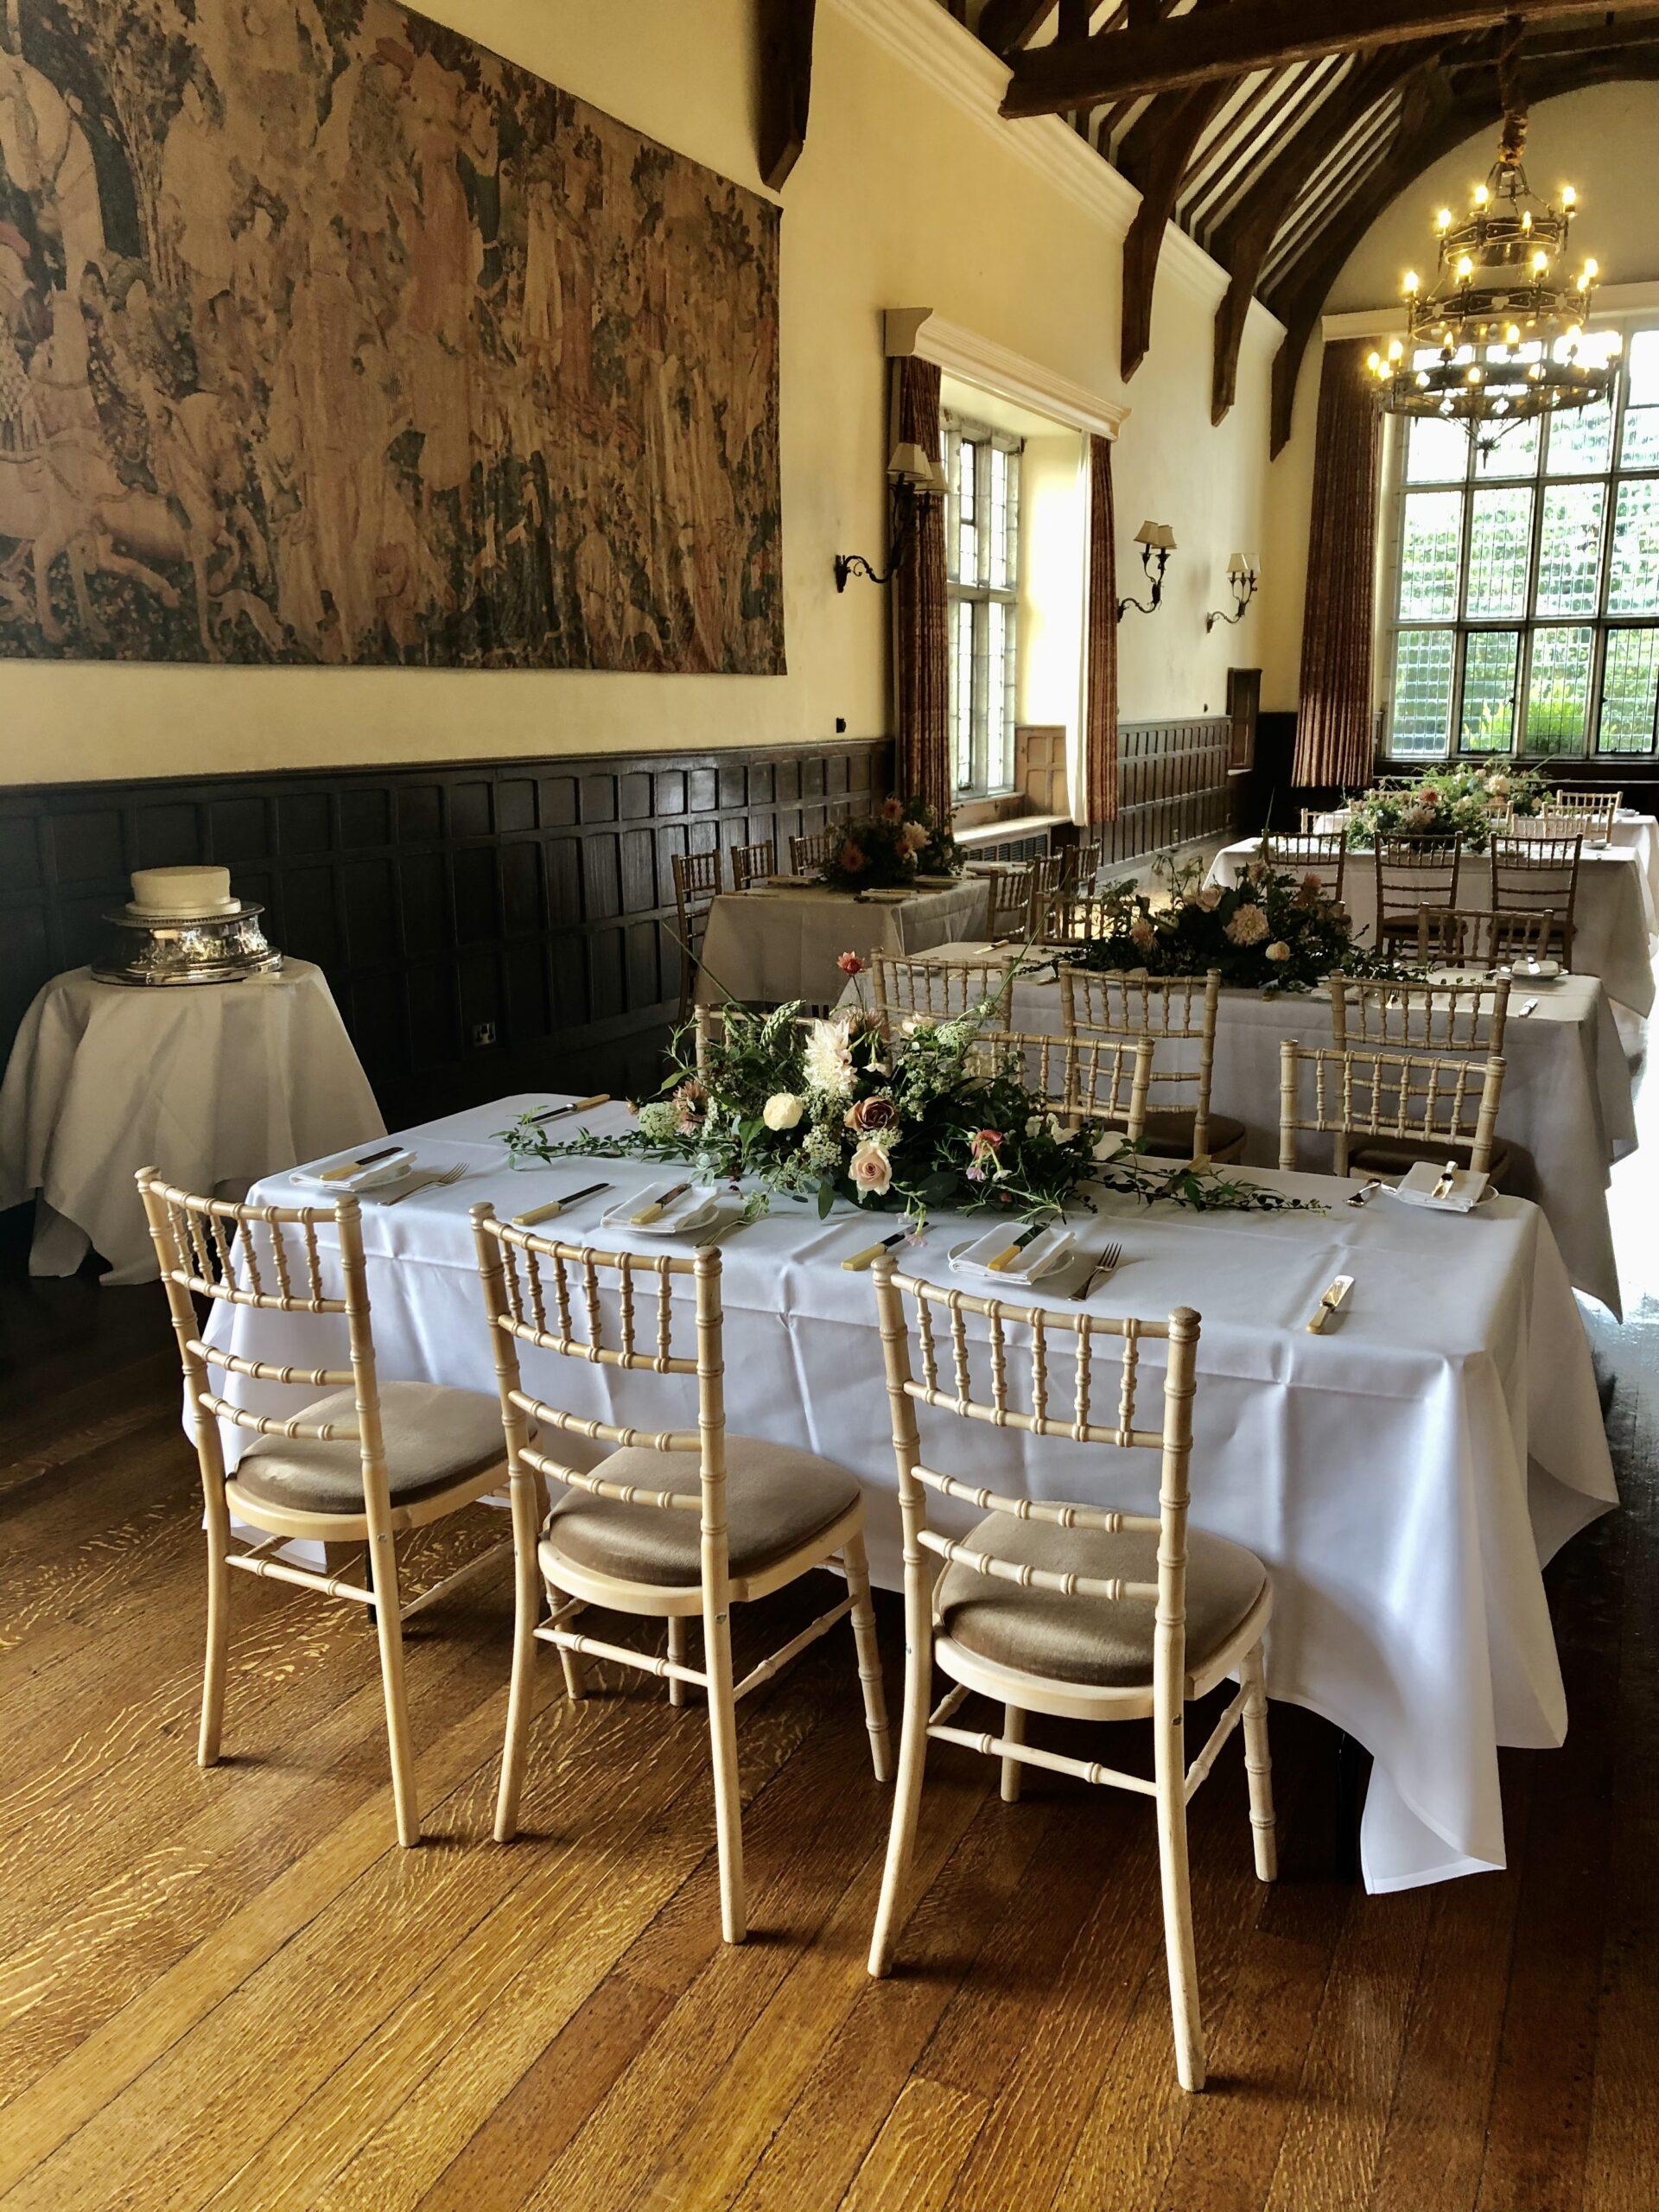 Wedding breakfast table arrangement for 30 guests